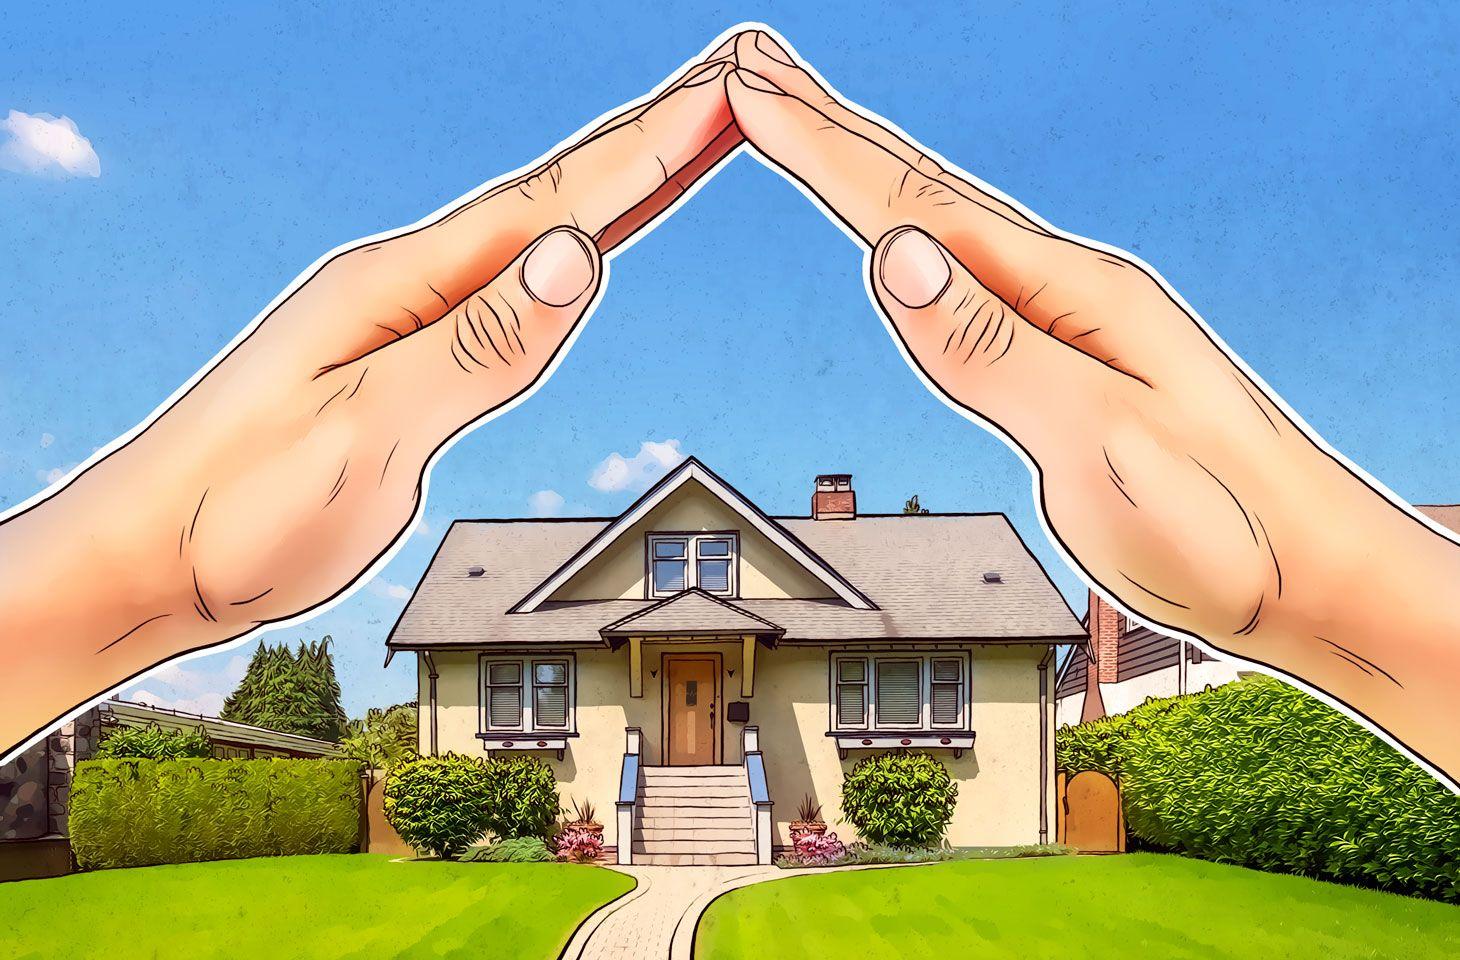 Kale gibi korunan bir ev: Ev için güvenlik teknolojileri